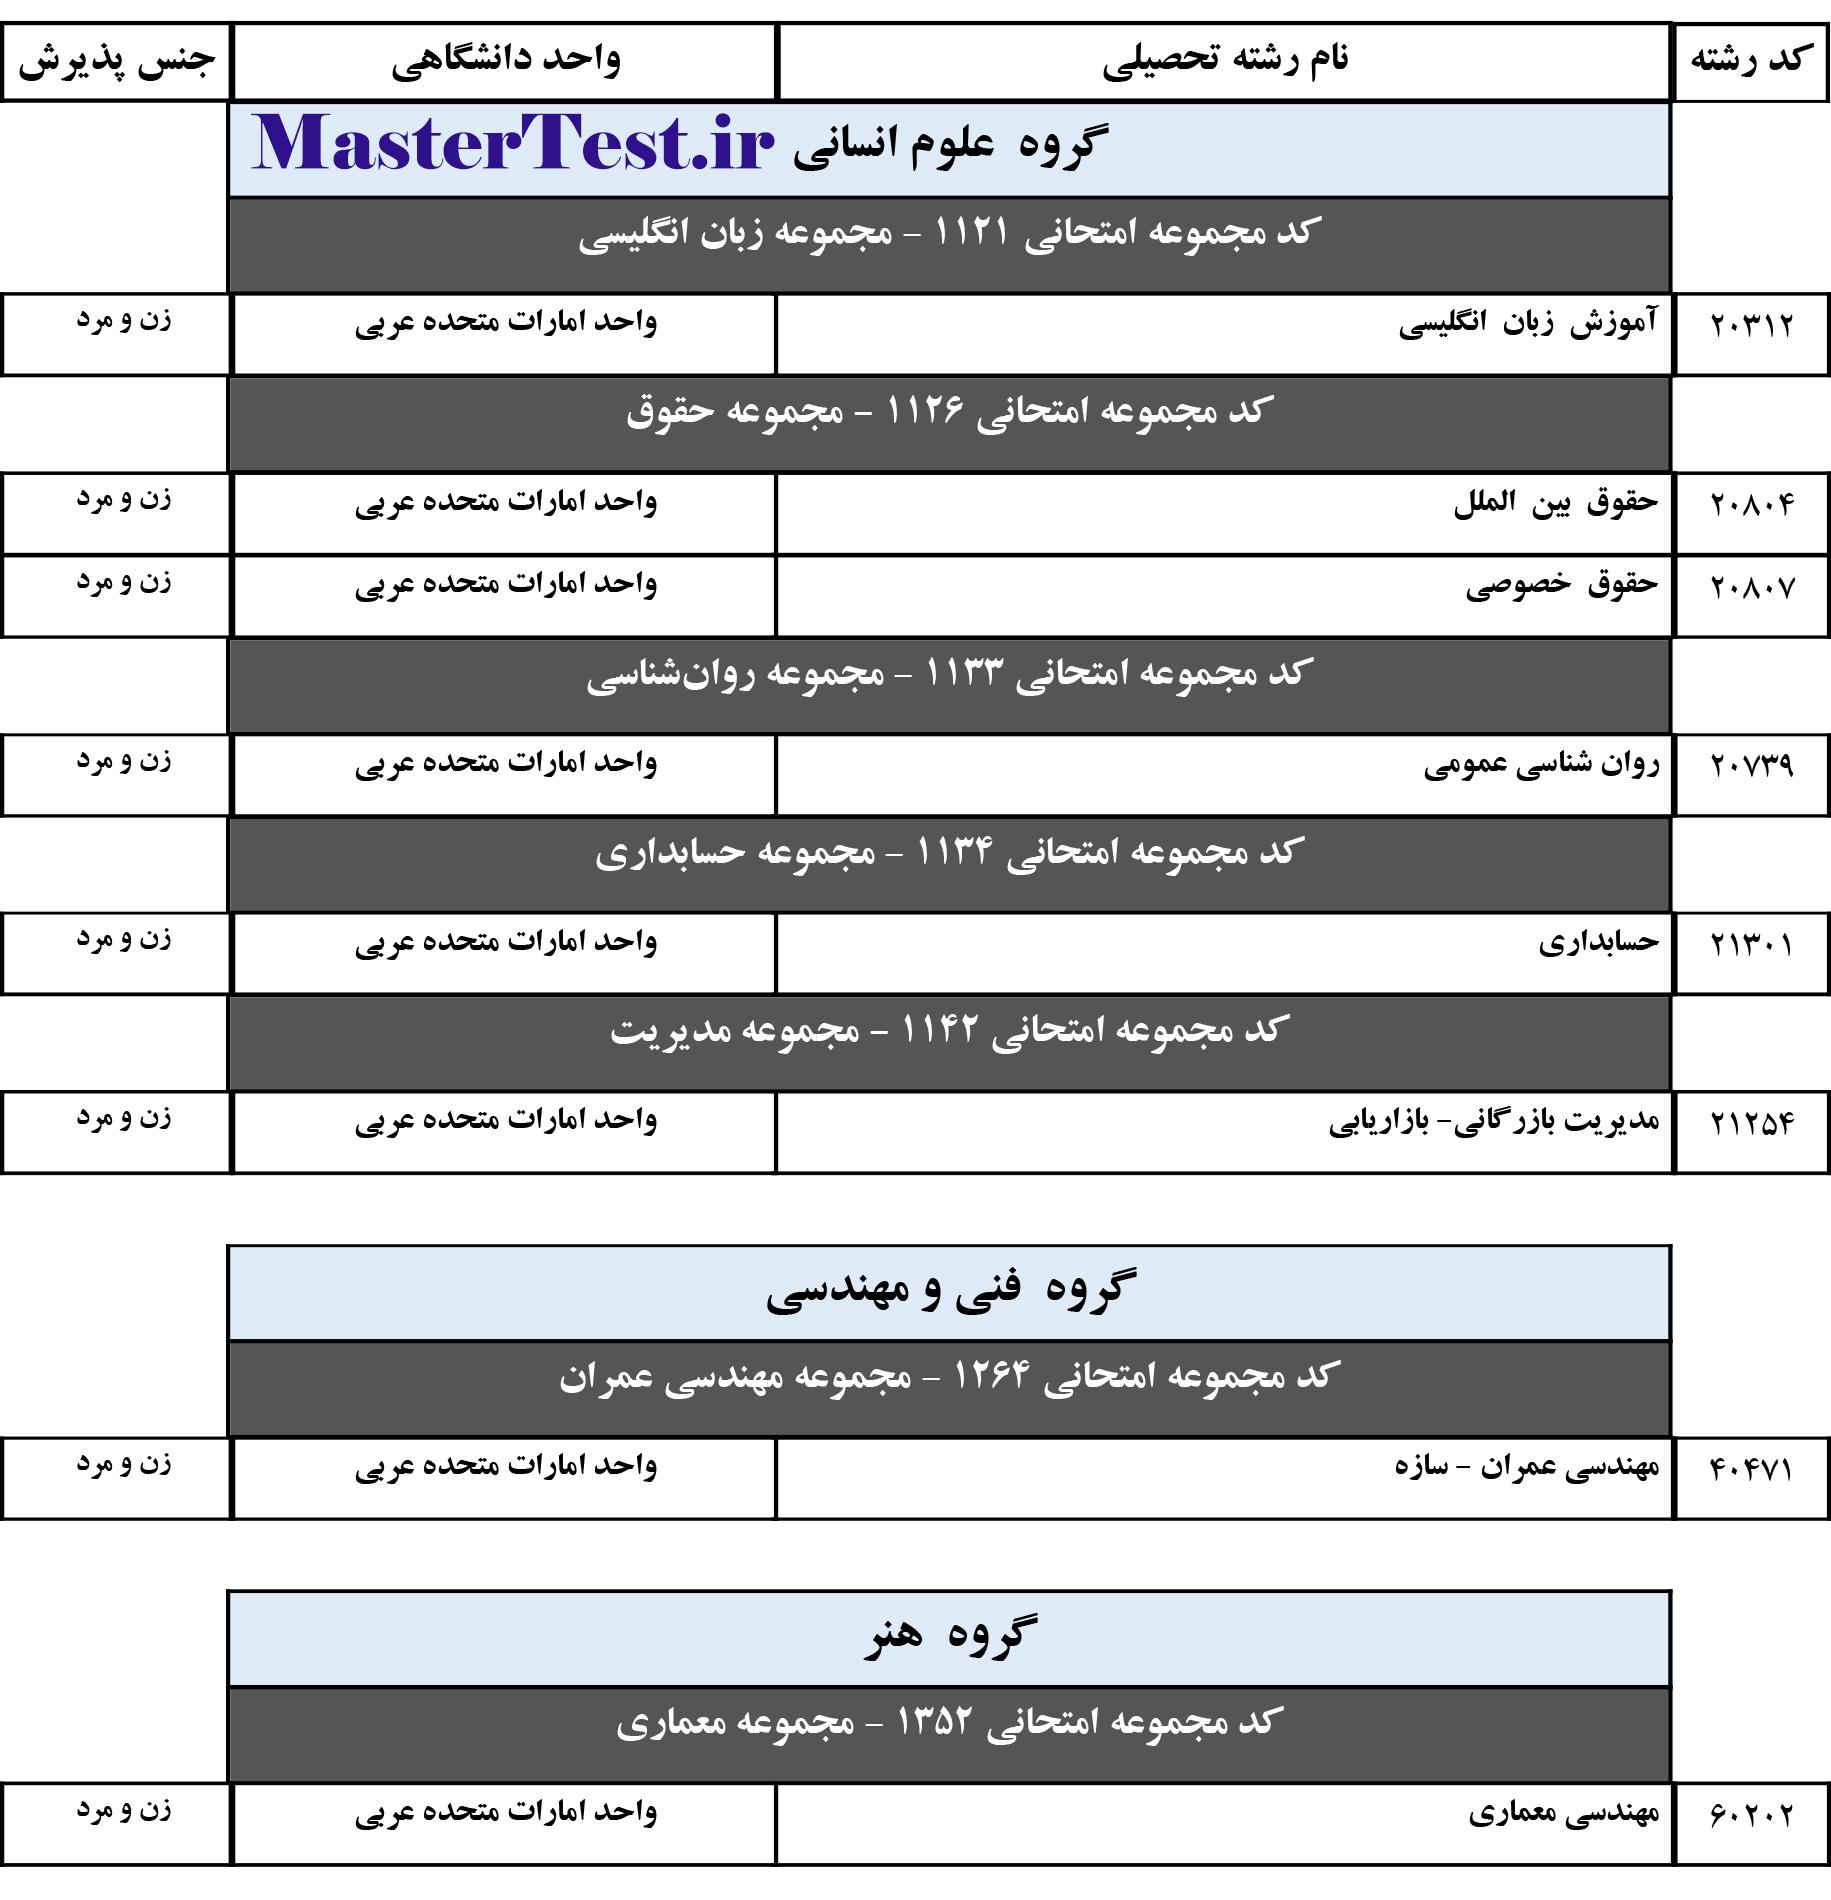 رشته محل های دارای پذیرش کارشناسی ارشد واحد امارات دانشگاه آزاد